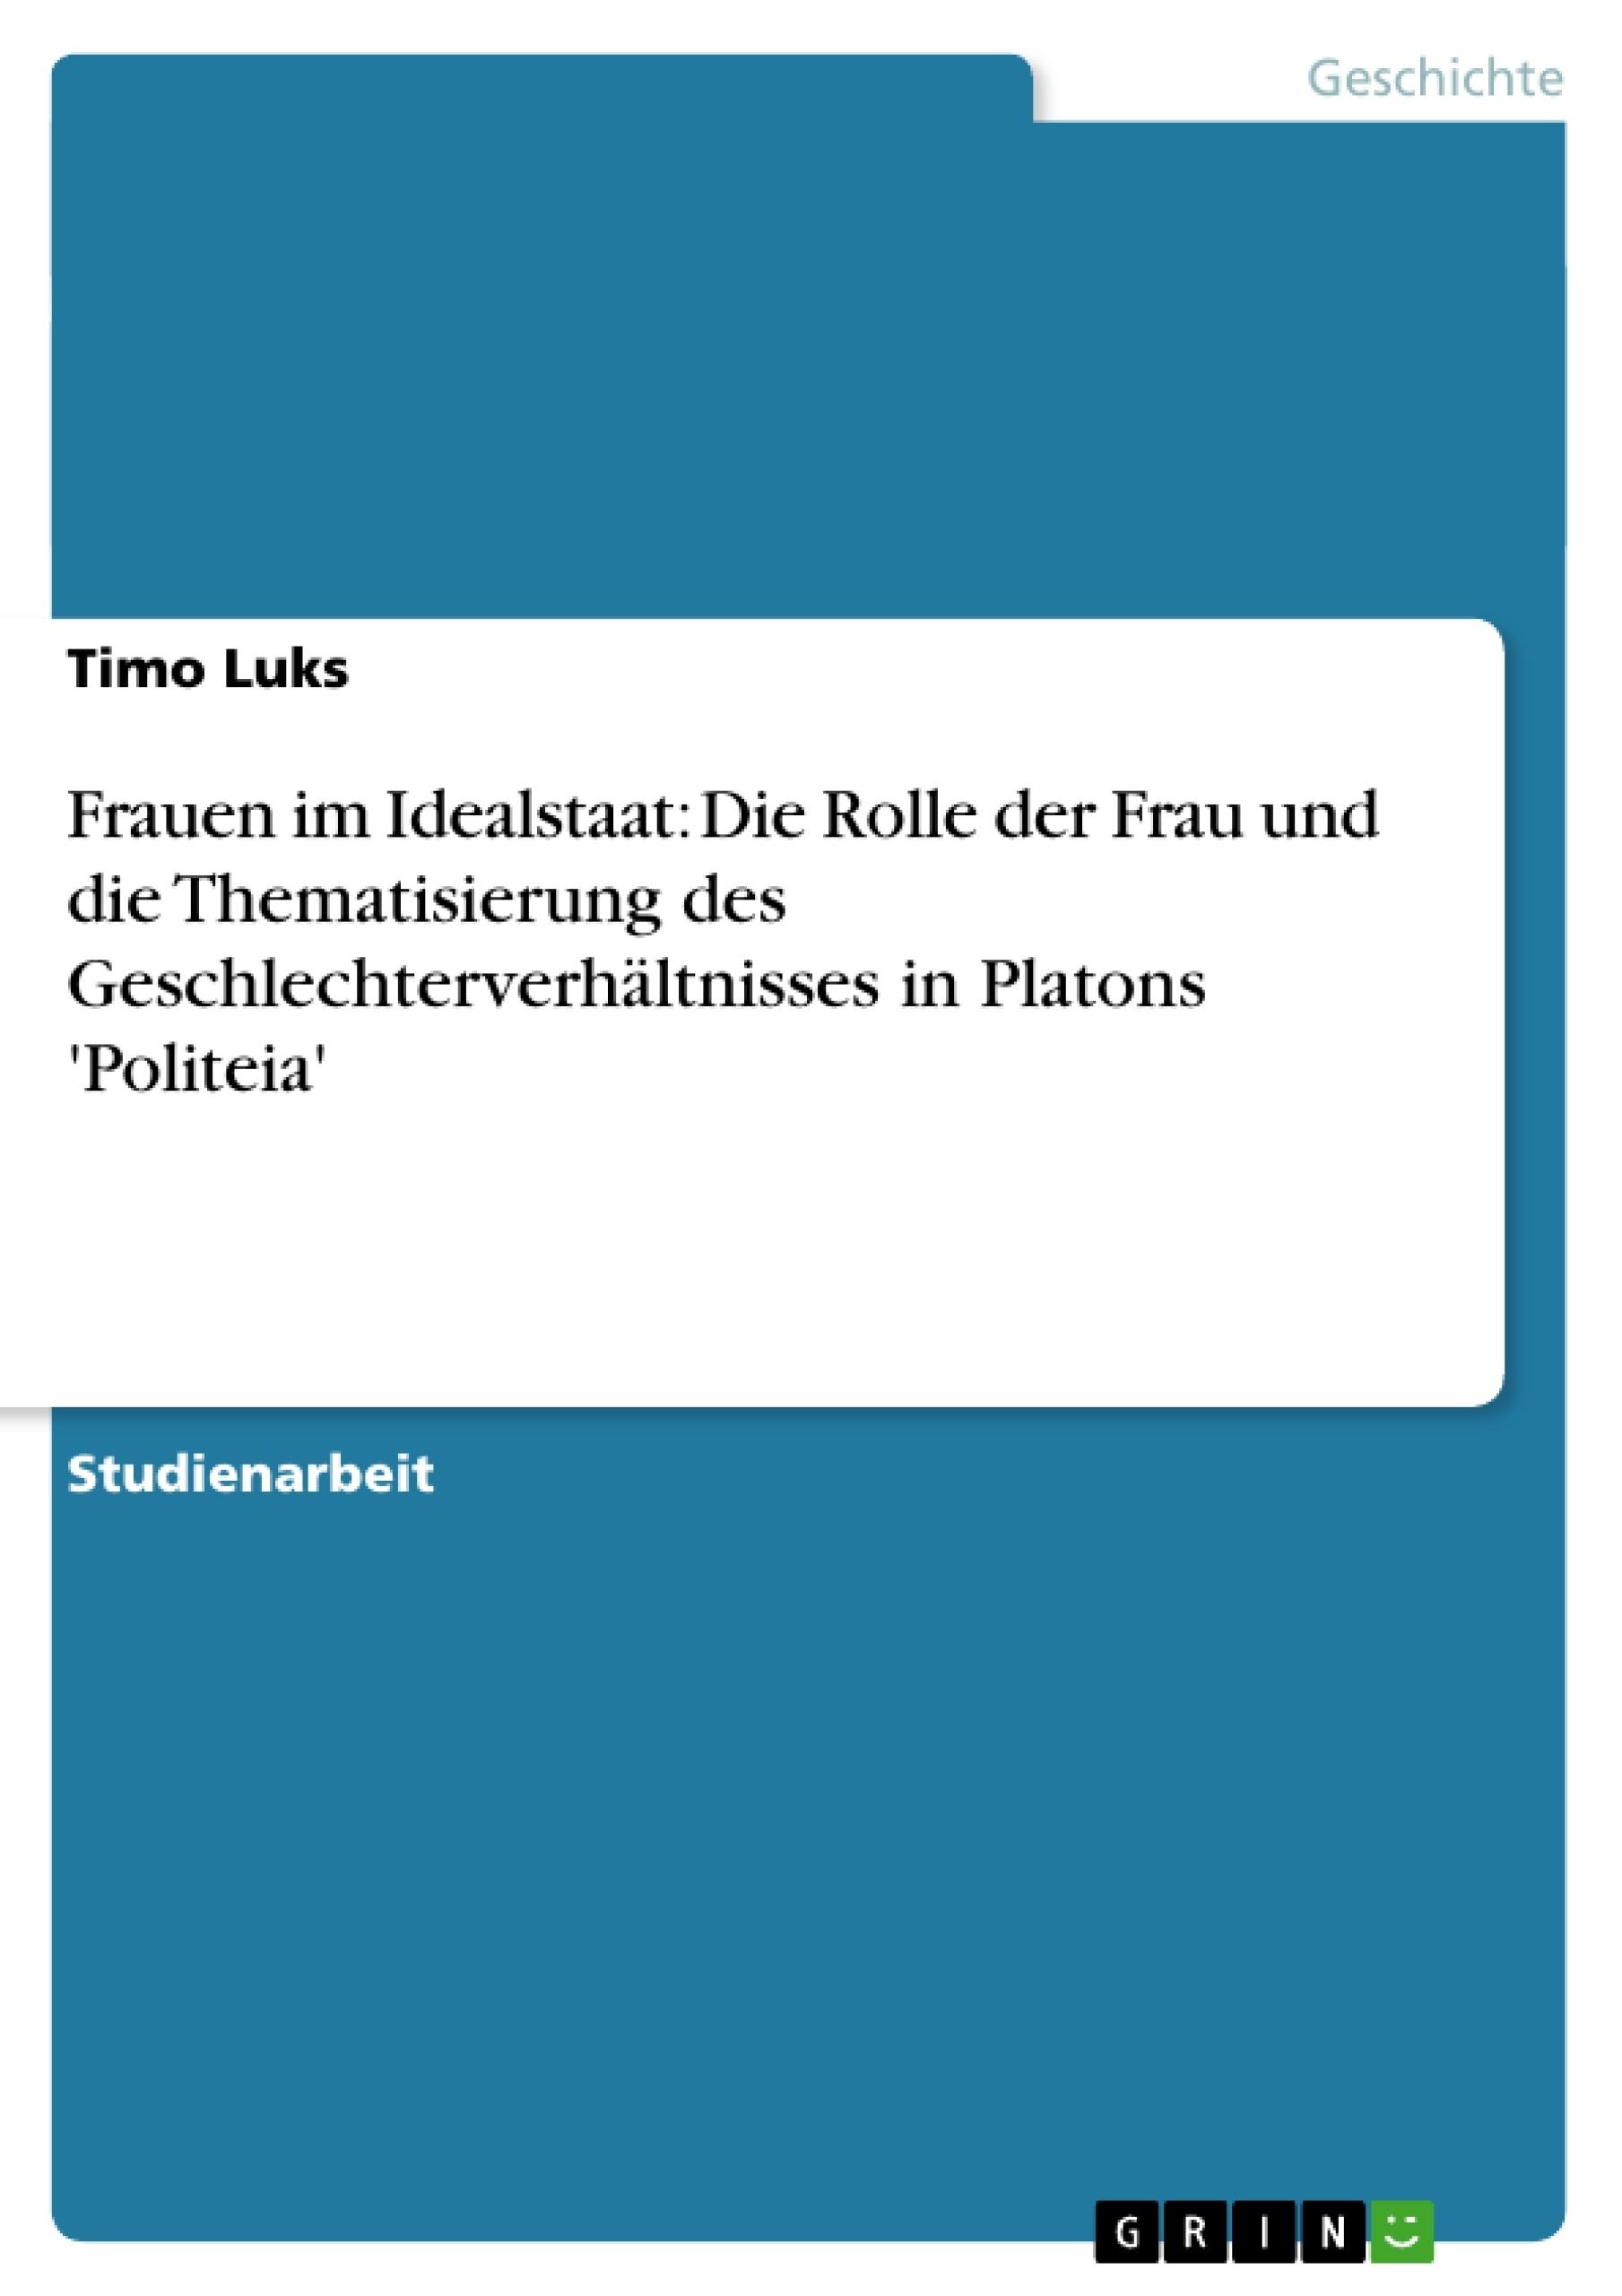 Titel: Frauen im Idealstaat: Die Rolle der Frau und die Thematisierung des Geschlechterverhältnisses in Platons 'Politeia'